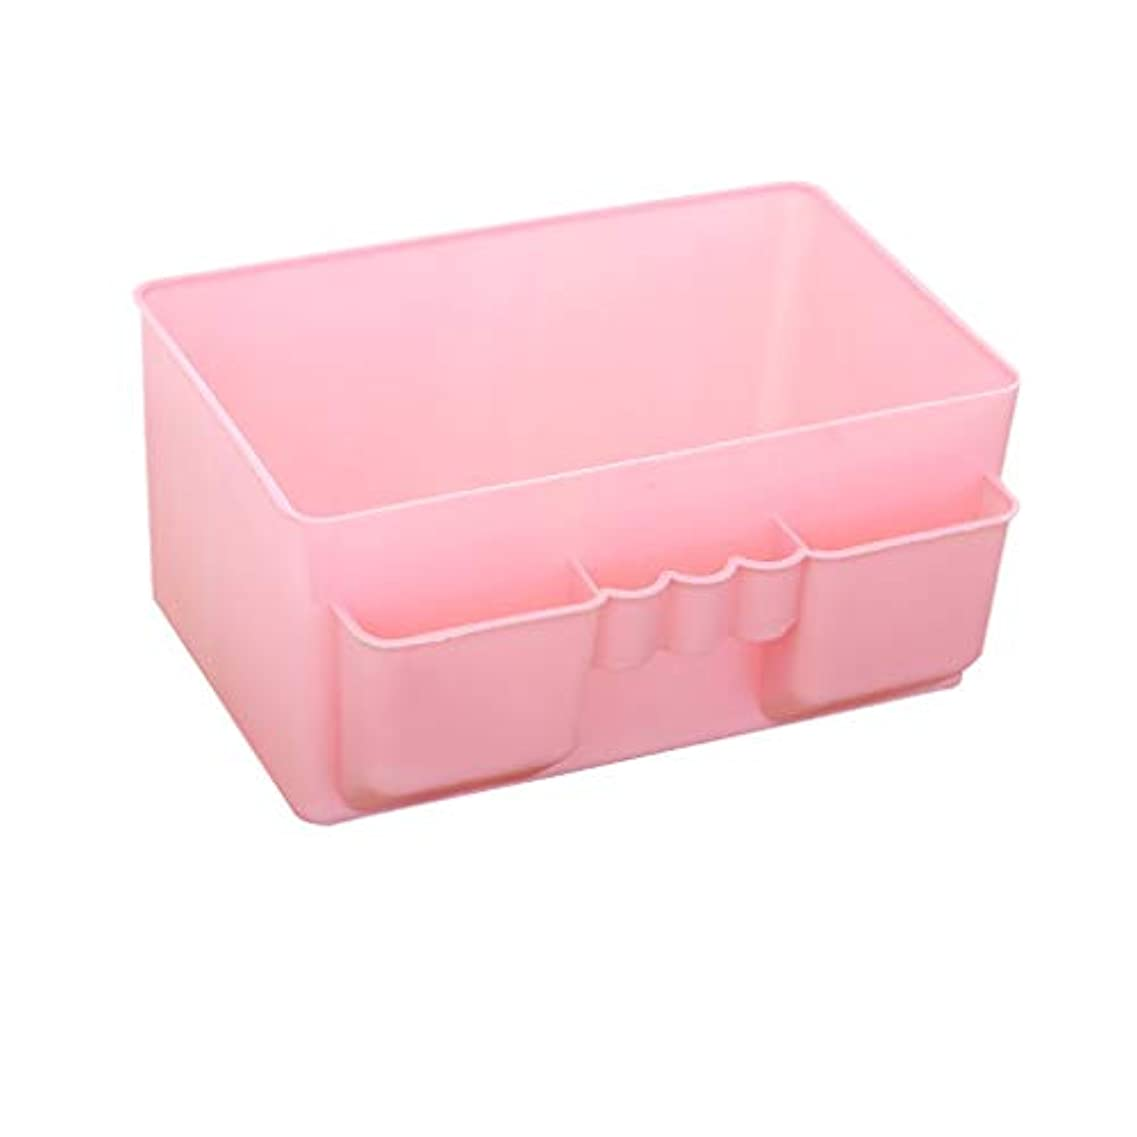 消す破産パンツオフィス収納ラックプラスチック化粧品収納ボックスシンプルなデスクトップ口紅リモートコントロール仕上げボックス (Color : A)